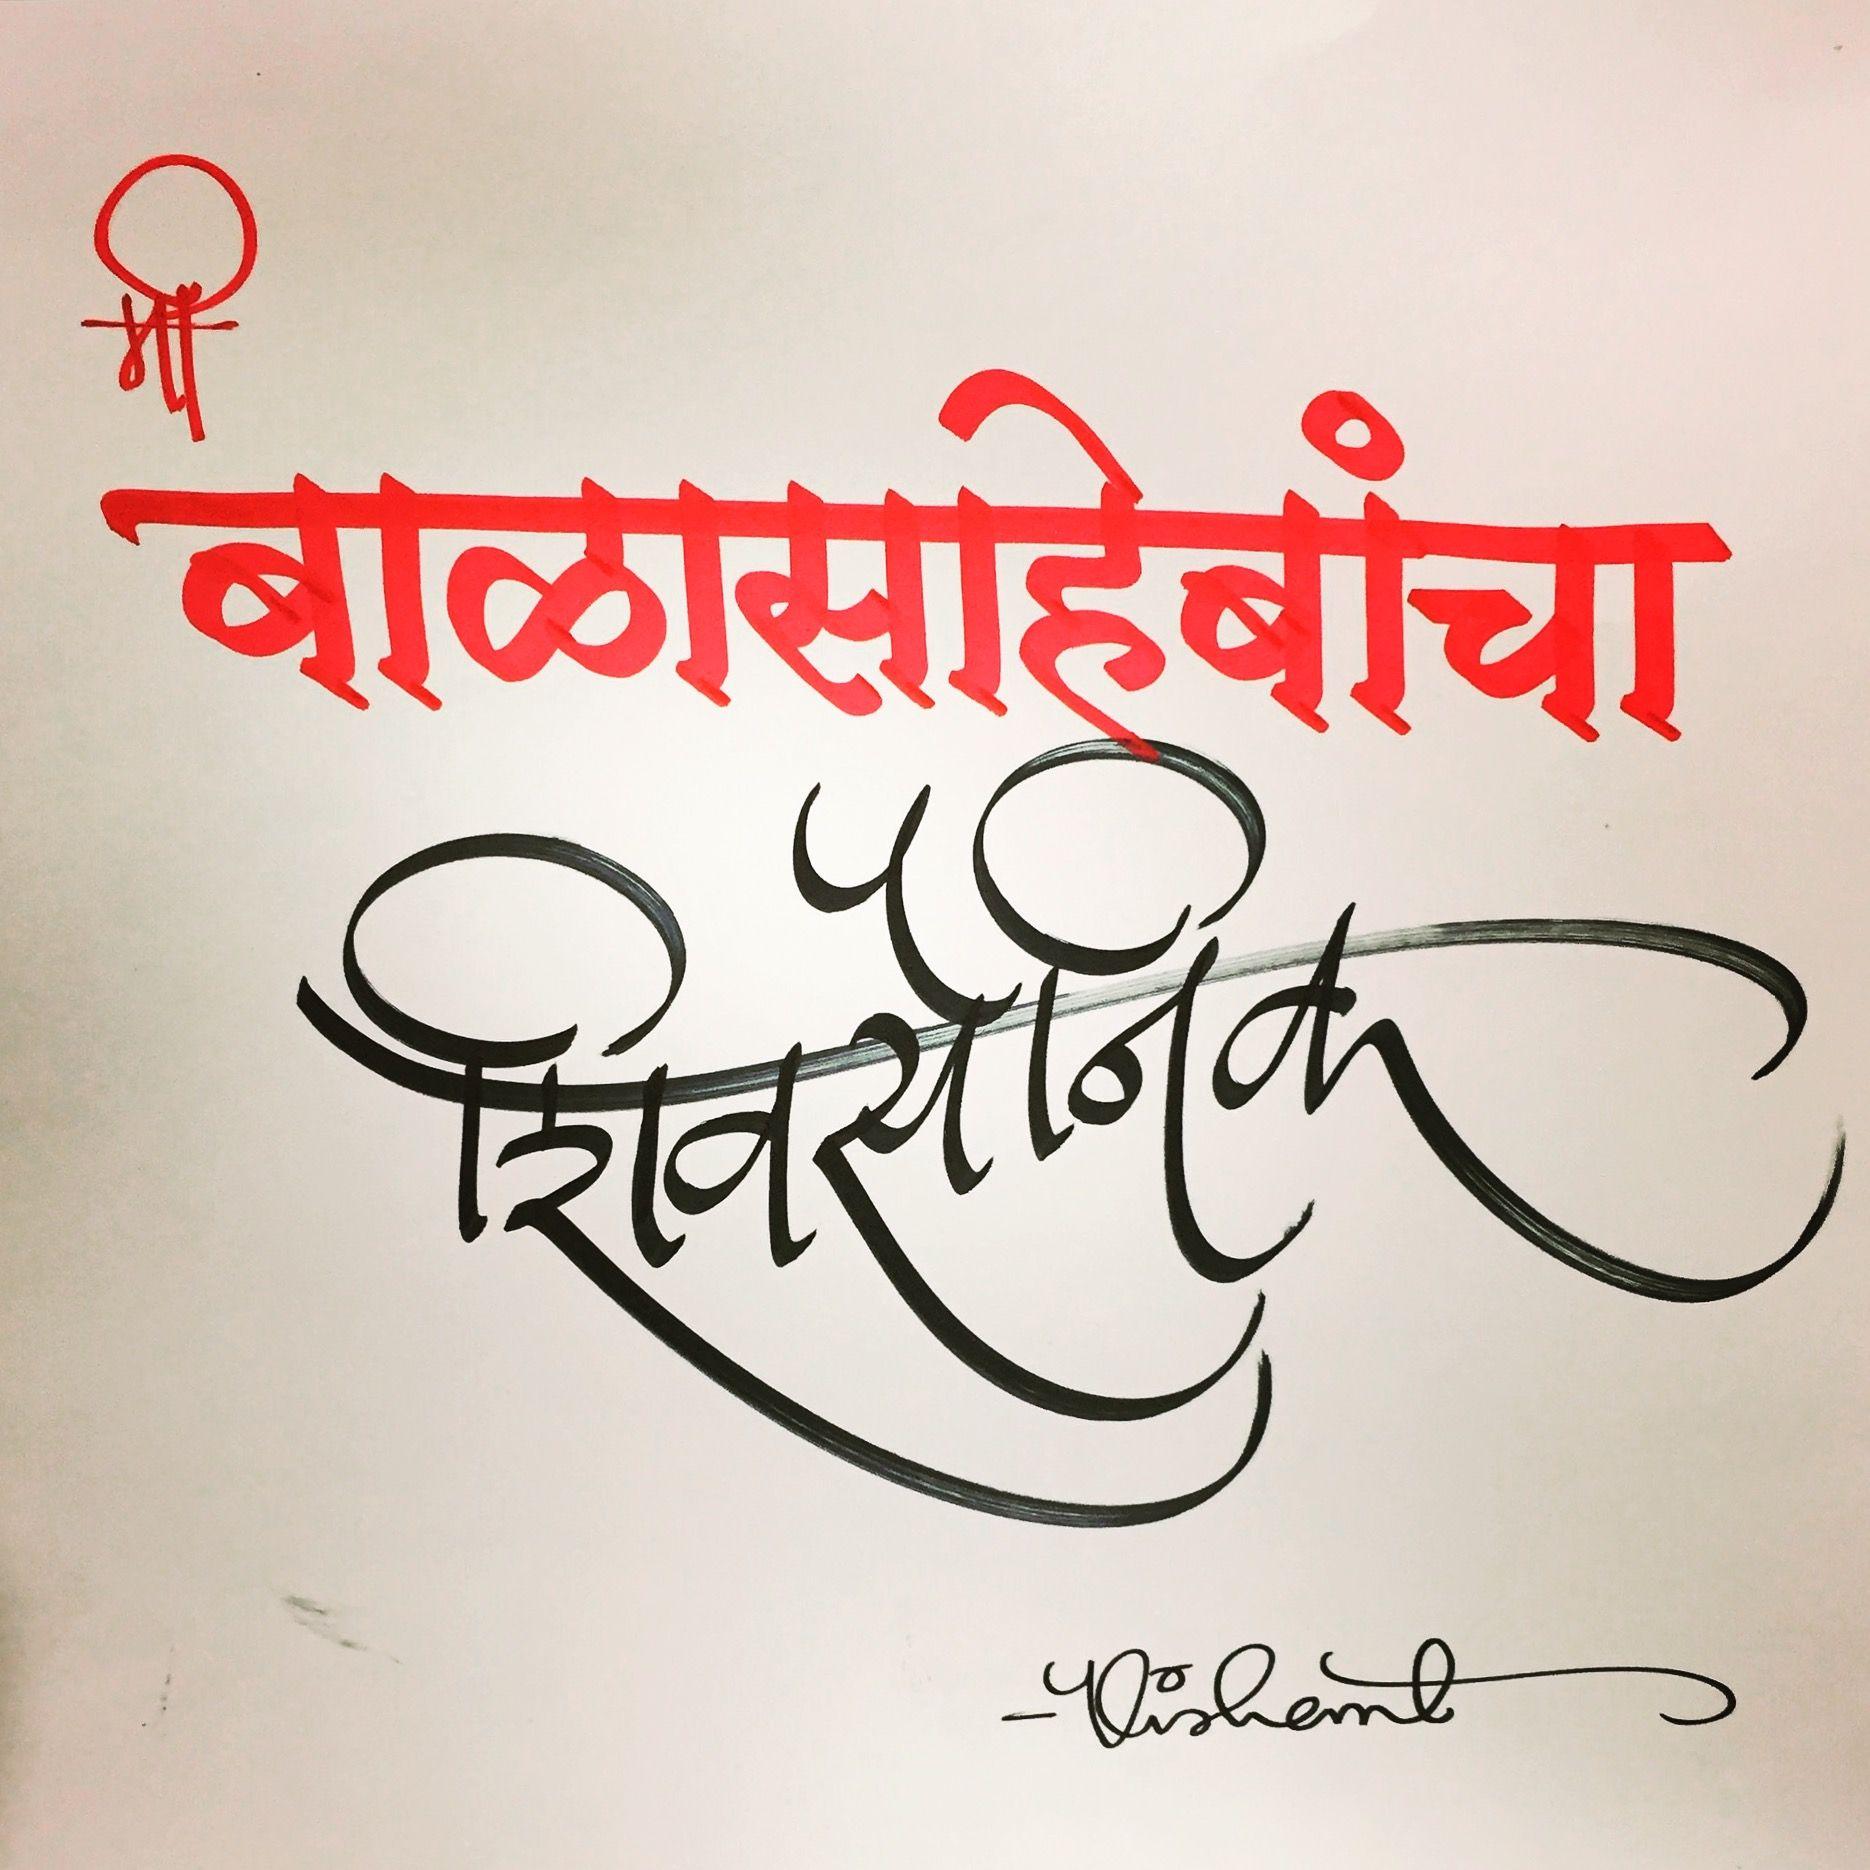 Marathi #calligraphy #marathi #art #lettering #maharashtra